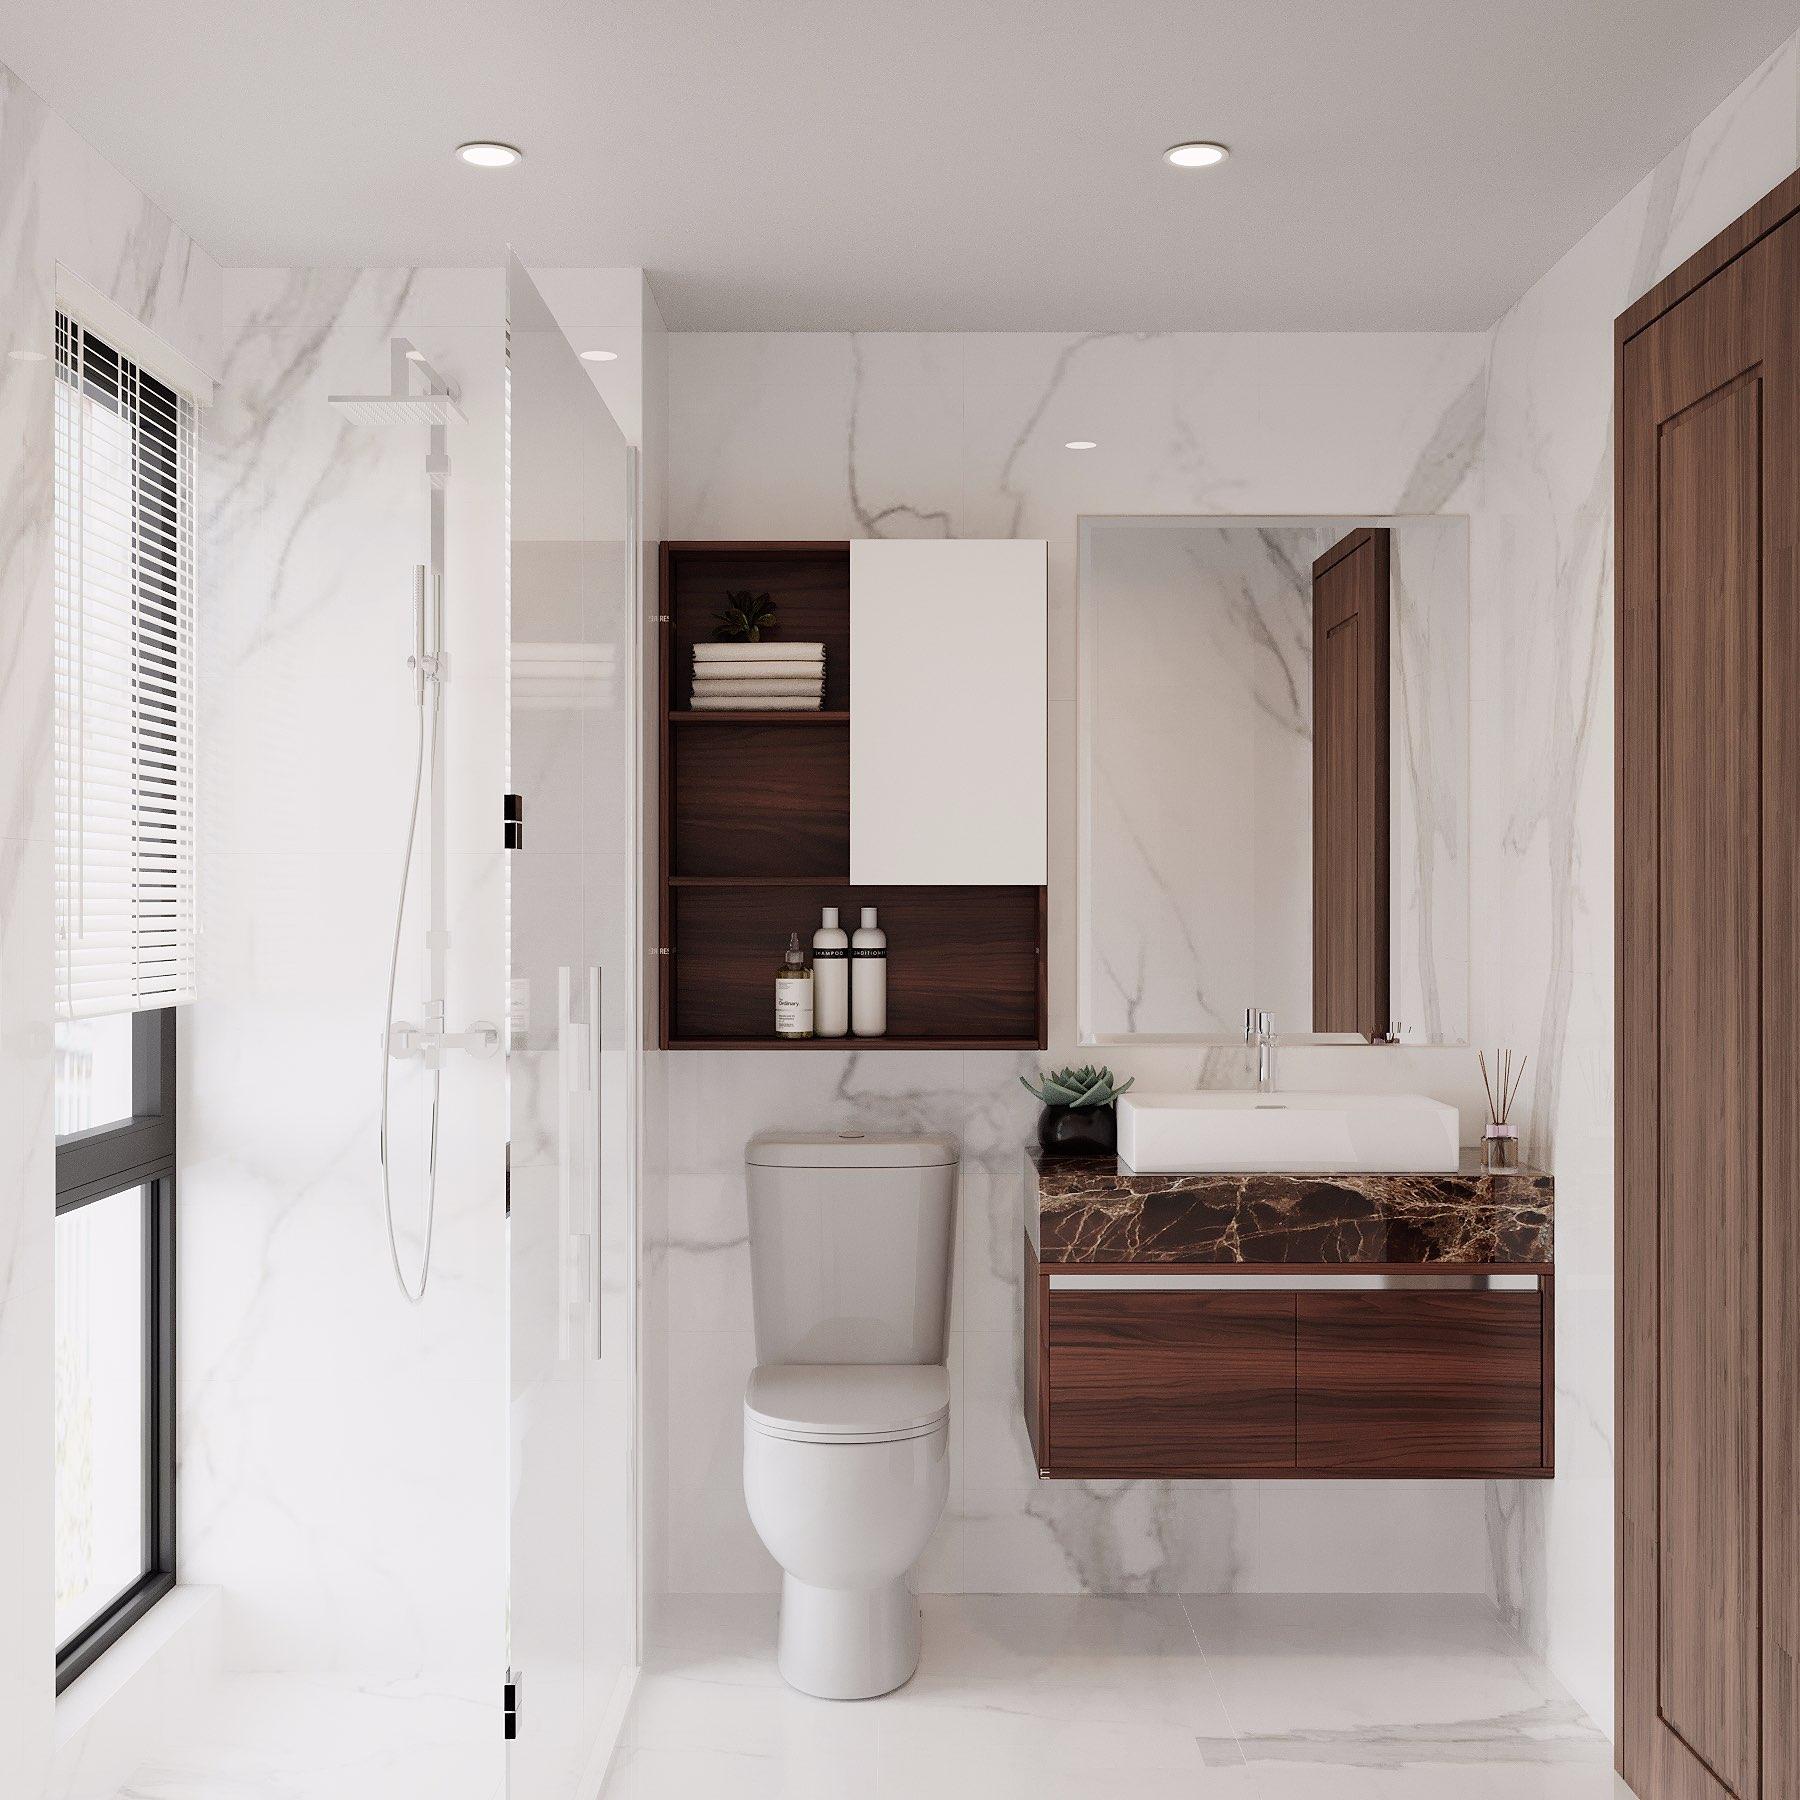 Một phòng vệ sinh nhỏ có đầy đủ bồn rửa mặt, bồn cầu, vòi tắm hoa sen, tủ đồ được xây dựng ngay trong phòng ngủ để gia chủ sinh hoạt thuận tiện hơn